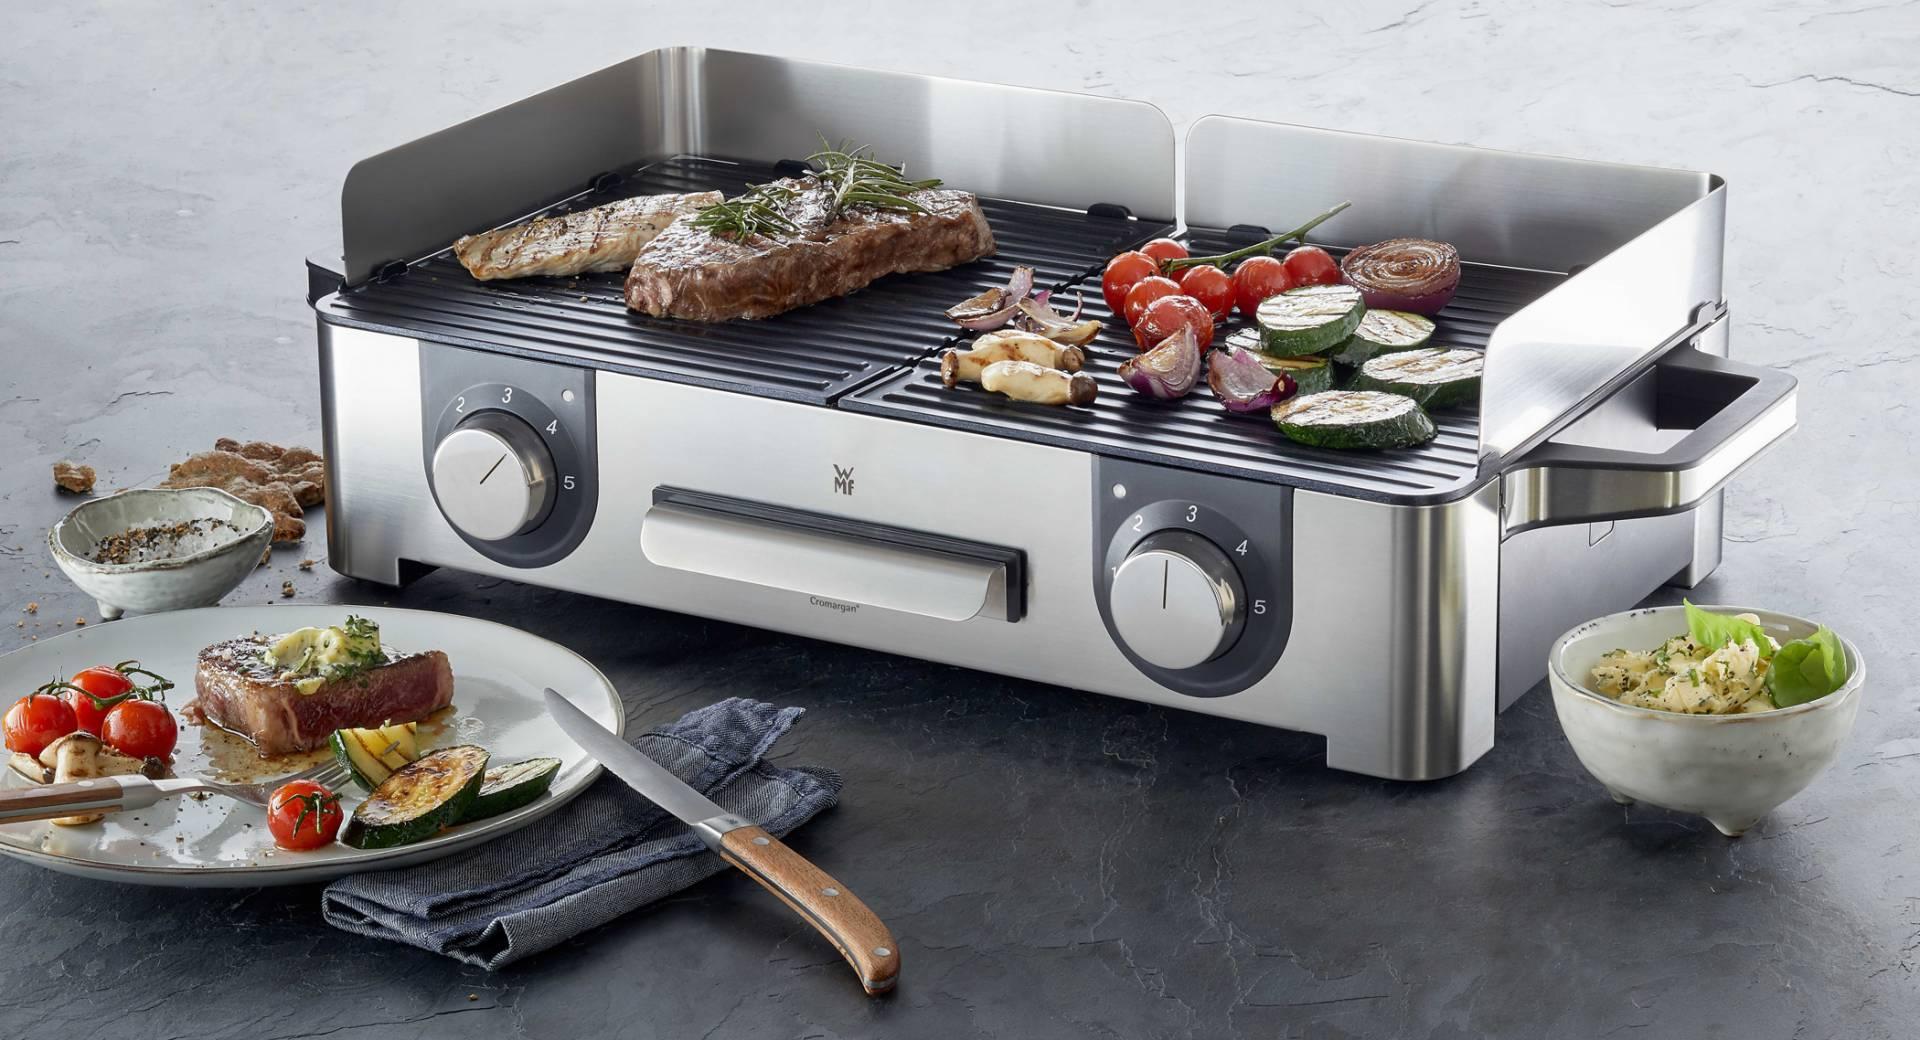 Wmf Cromargan Elektrogrill : Wmf lono master grill ab u ac günstig im preisvergleich kaufen